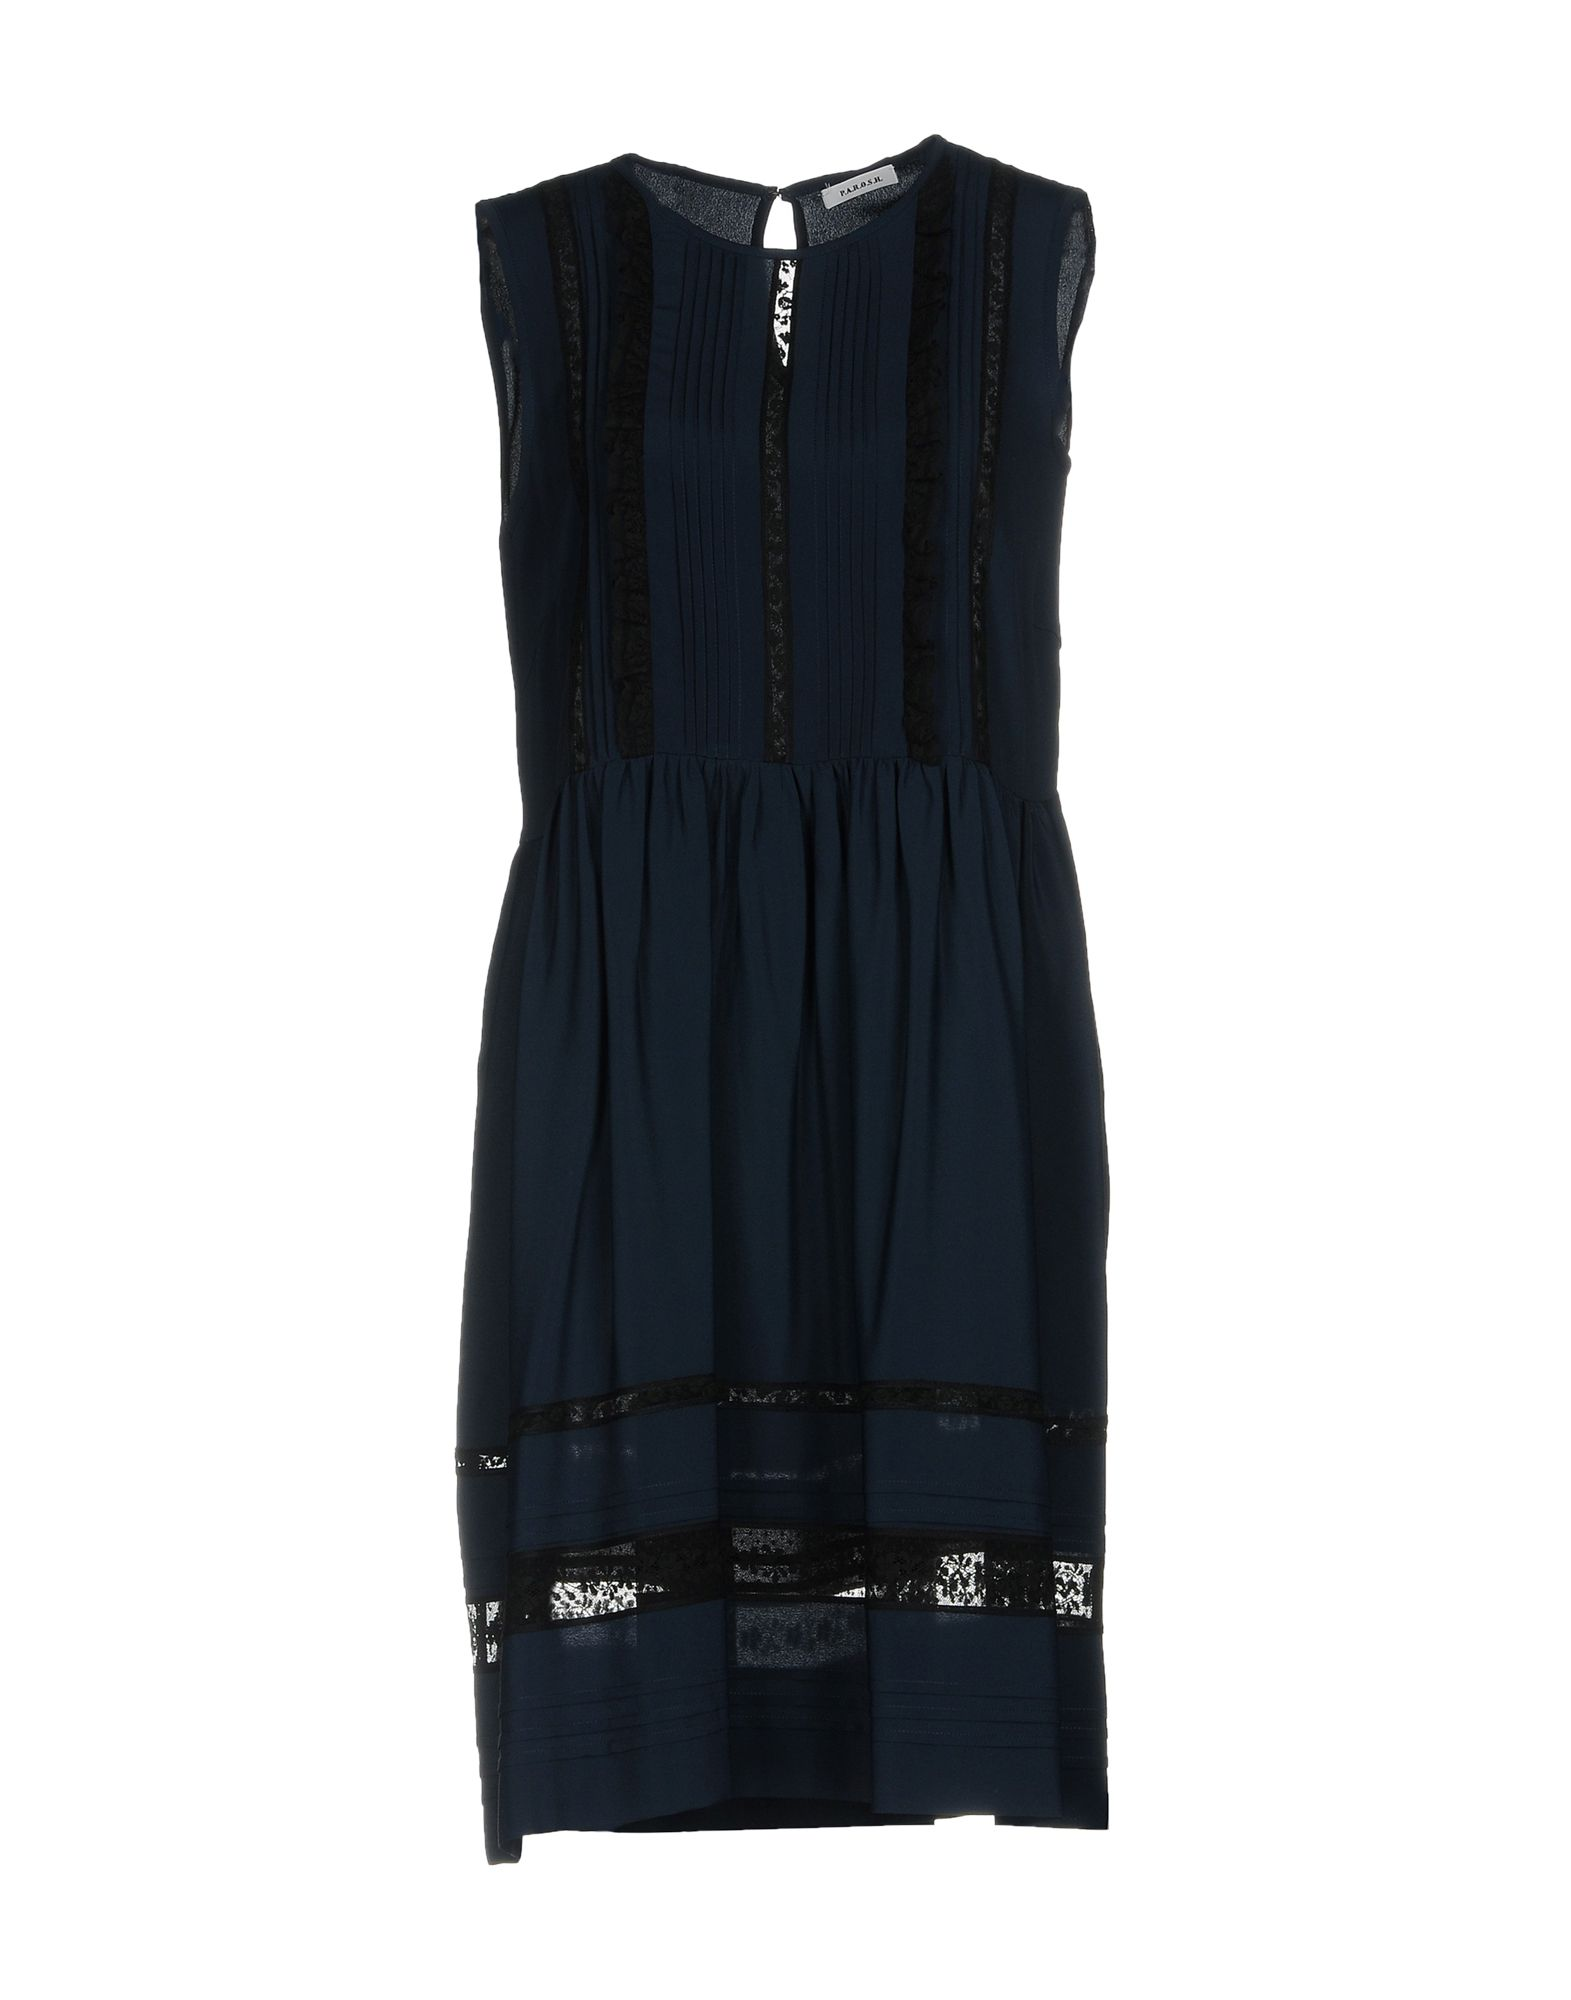 P.A.R.O.S.H. Damen Kurzes Kleid Farbe Dunkelblau Größe 5